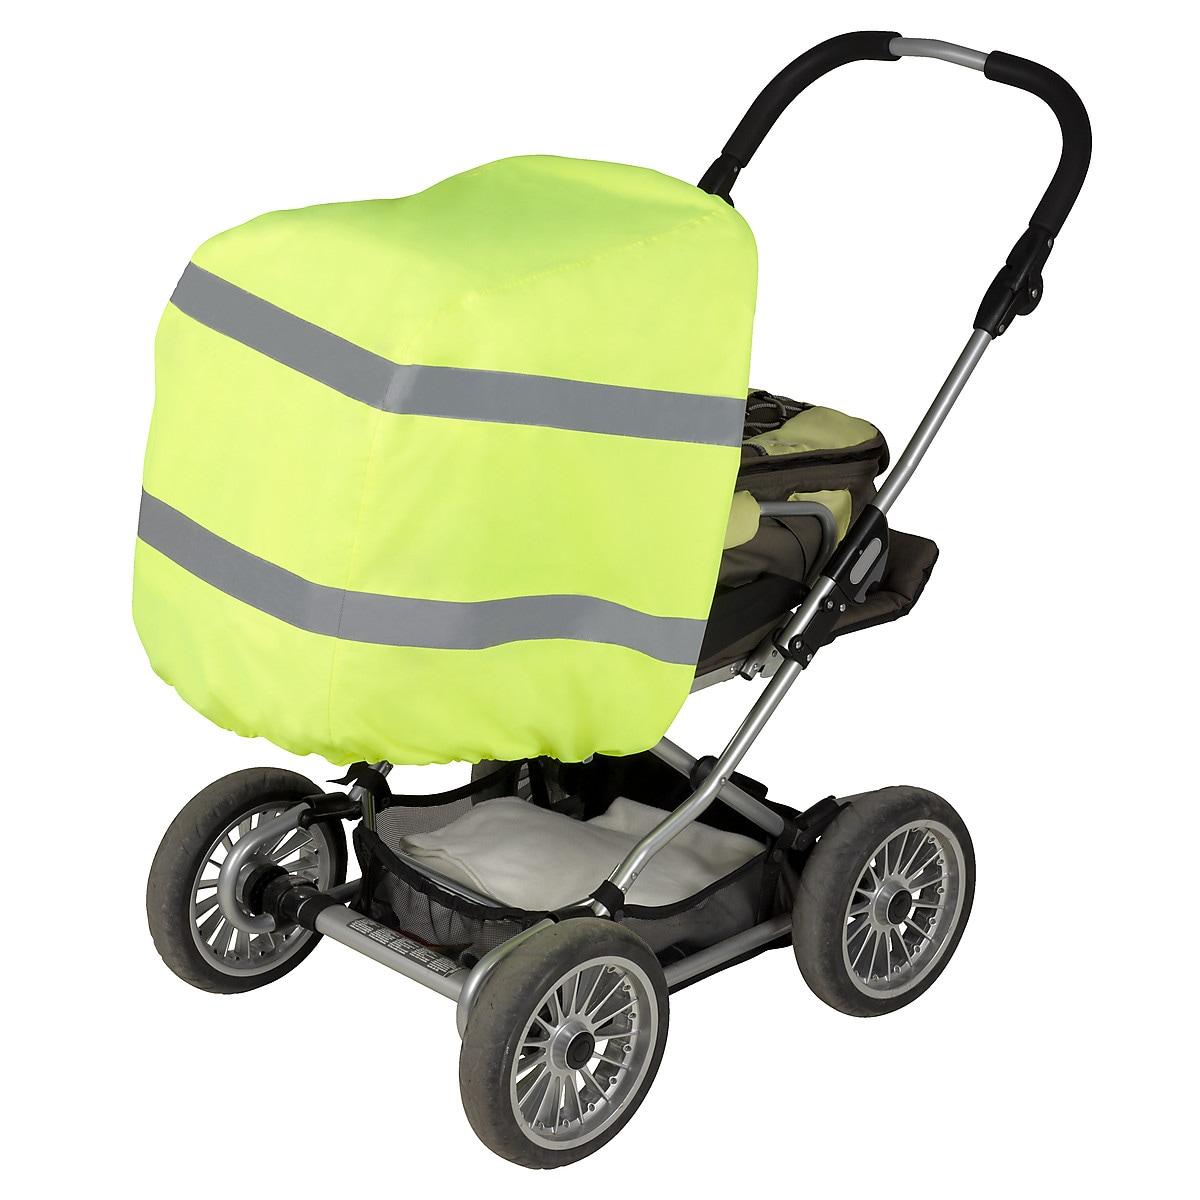 Reflexöverdrag barnvagn Asaklitt